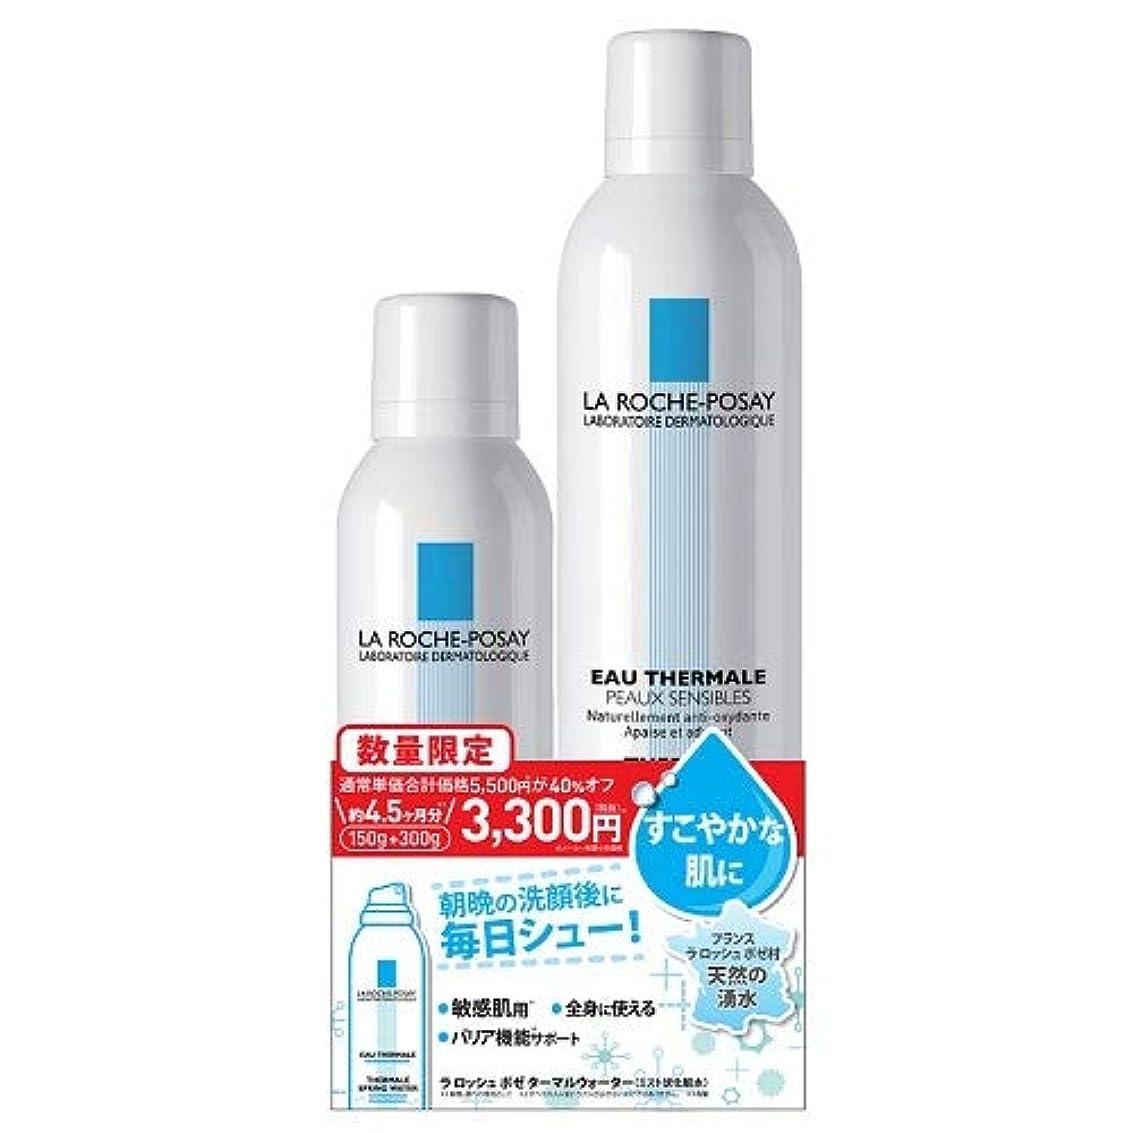 ツールくちばしアトミックLa Roche-Posay(ラロッシュポゼ) 【敏感肌用*ミスト状化粧水】ターマルウォーター300g+150gキット